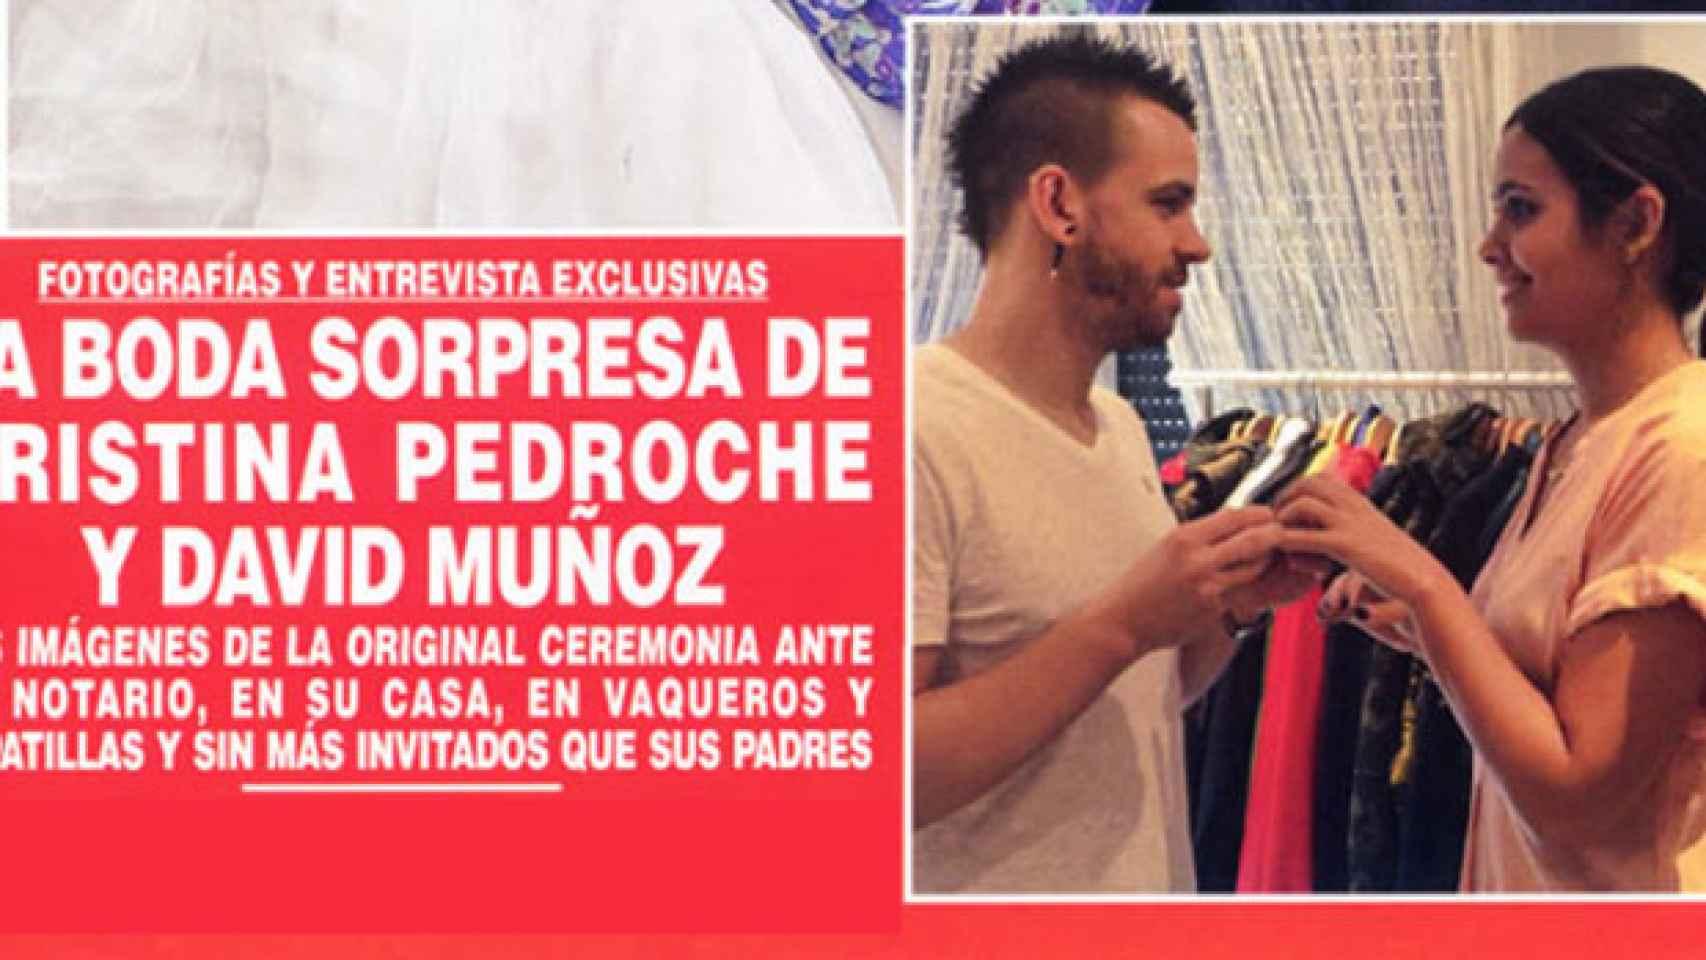 Pedroche y el chef David Muñoz se casaron este sábado